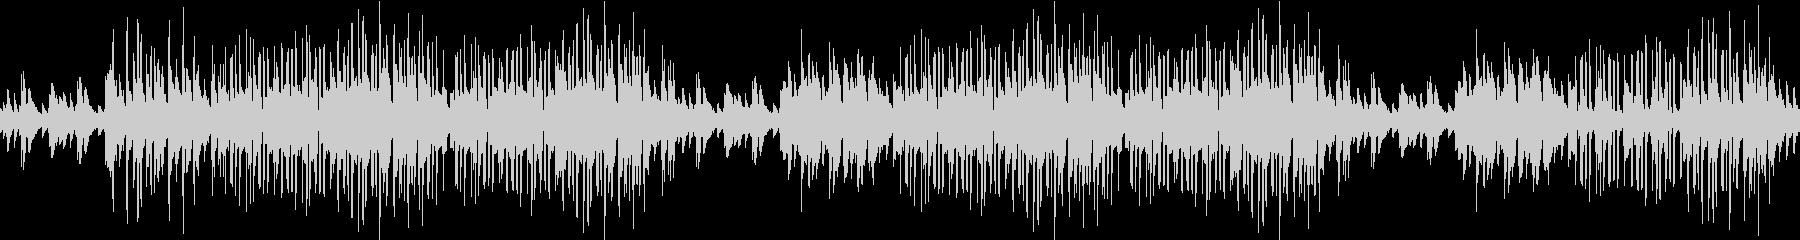 ピアノ・お洒落・カフェ・レトロ・ループの未再生の波形